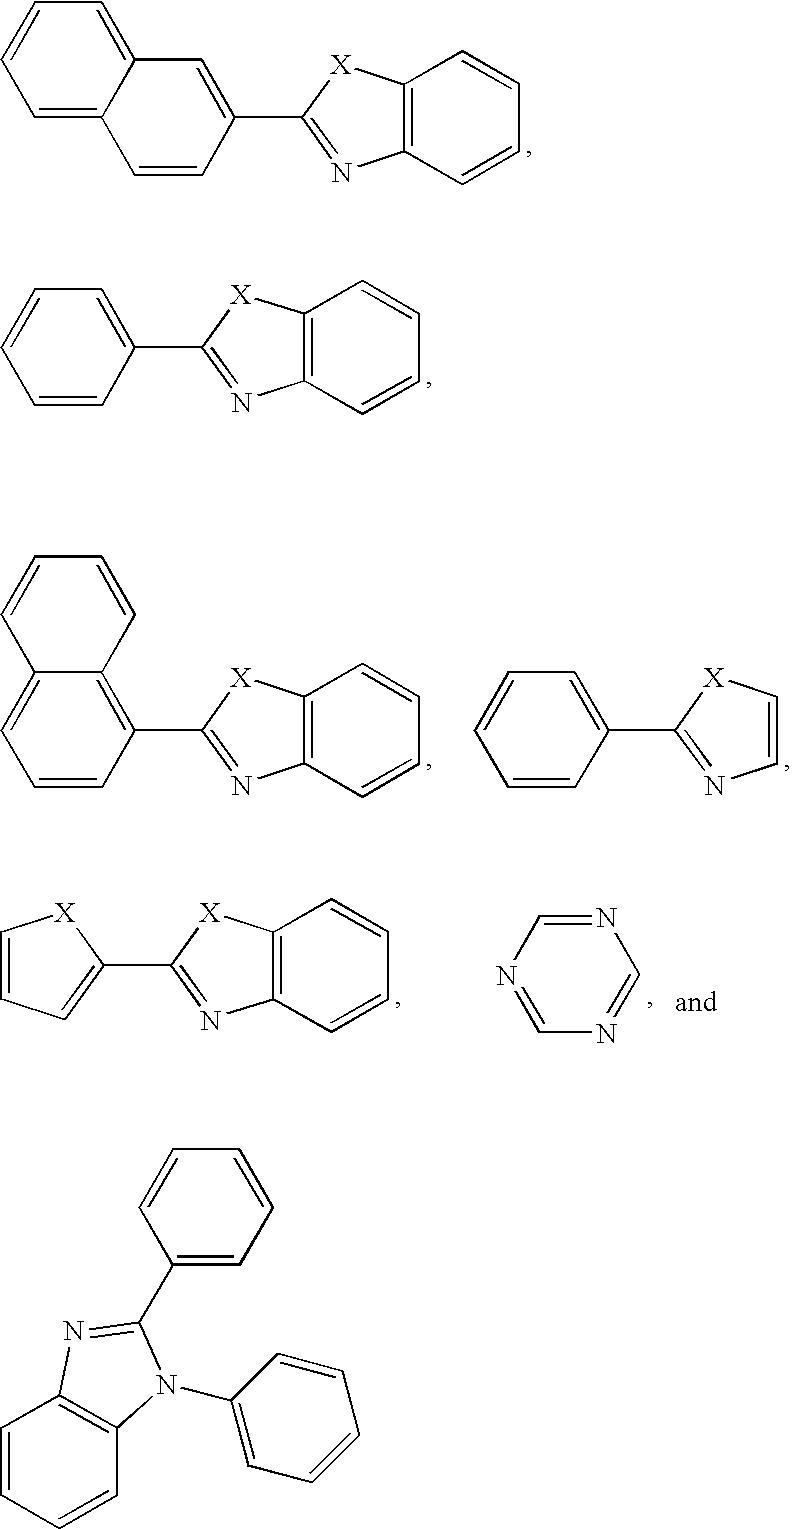 Figure US20070107835A1-20070517-C00078